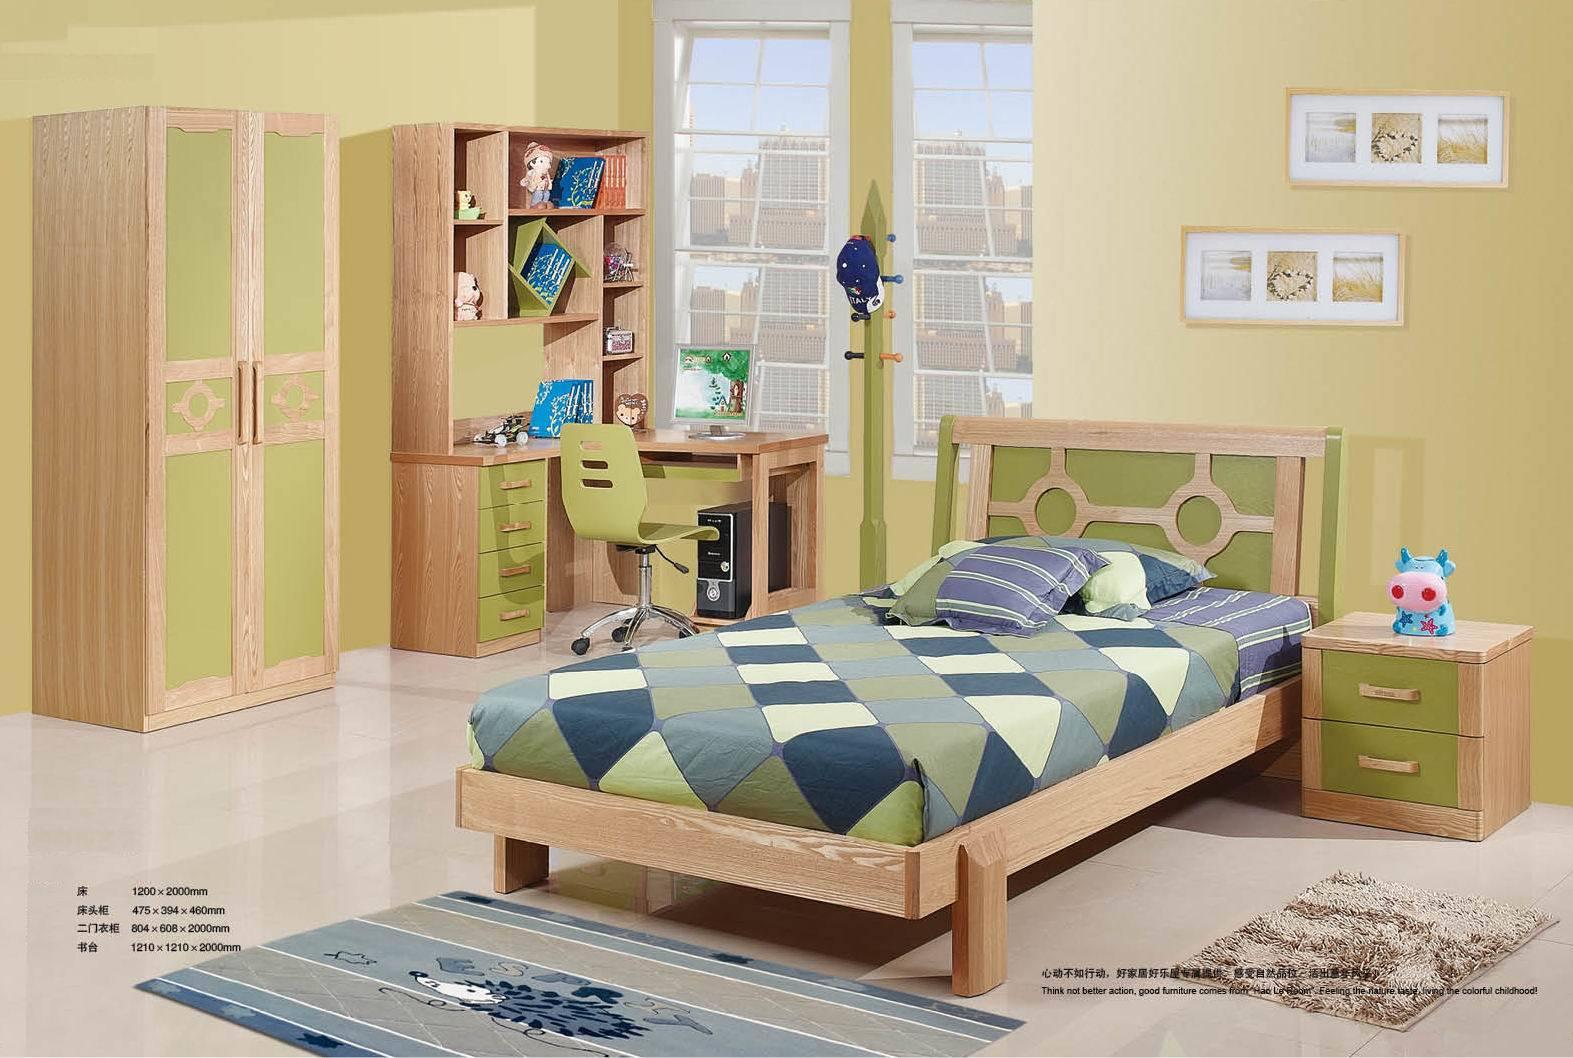 ensemble de chambre coucher d 39 enfants jkd 20030 ensemble de chambre coucher d 39 enfants. Black Bedroom Furniture Sets. Home Design Ideas